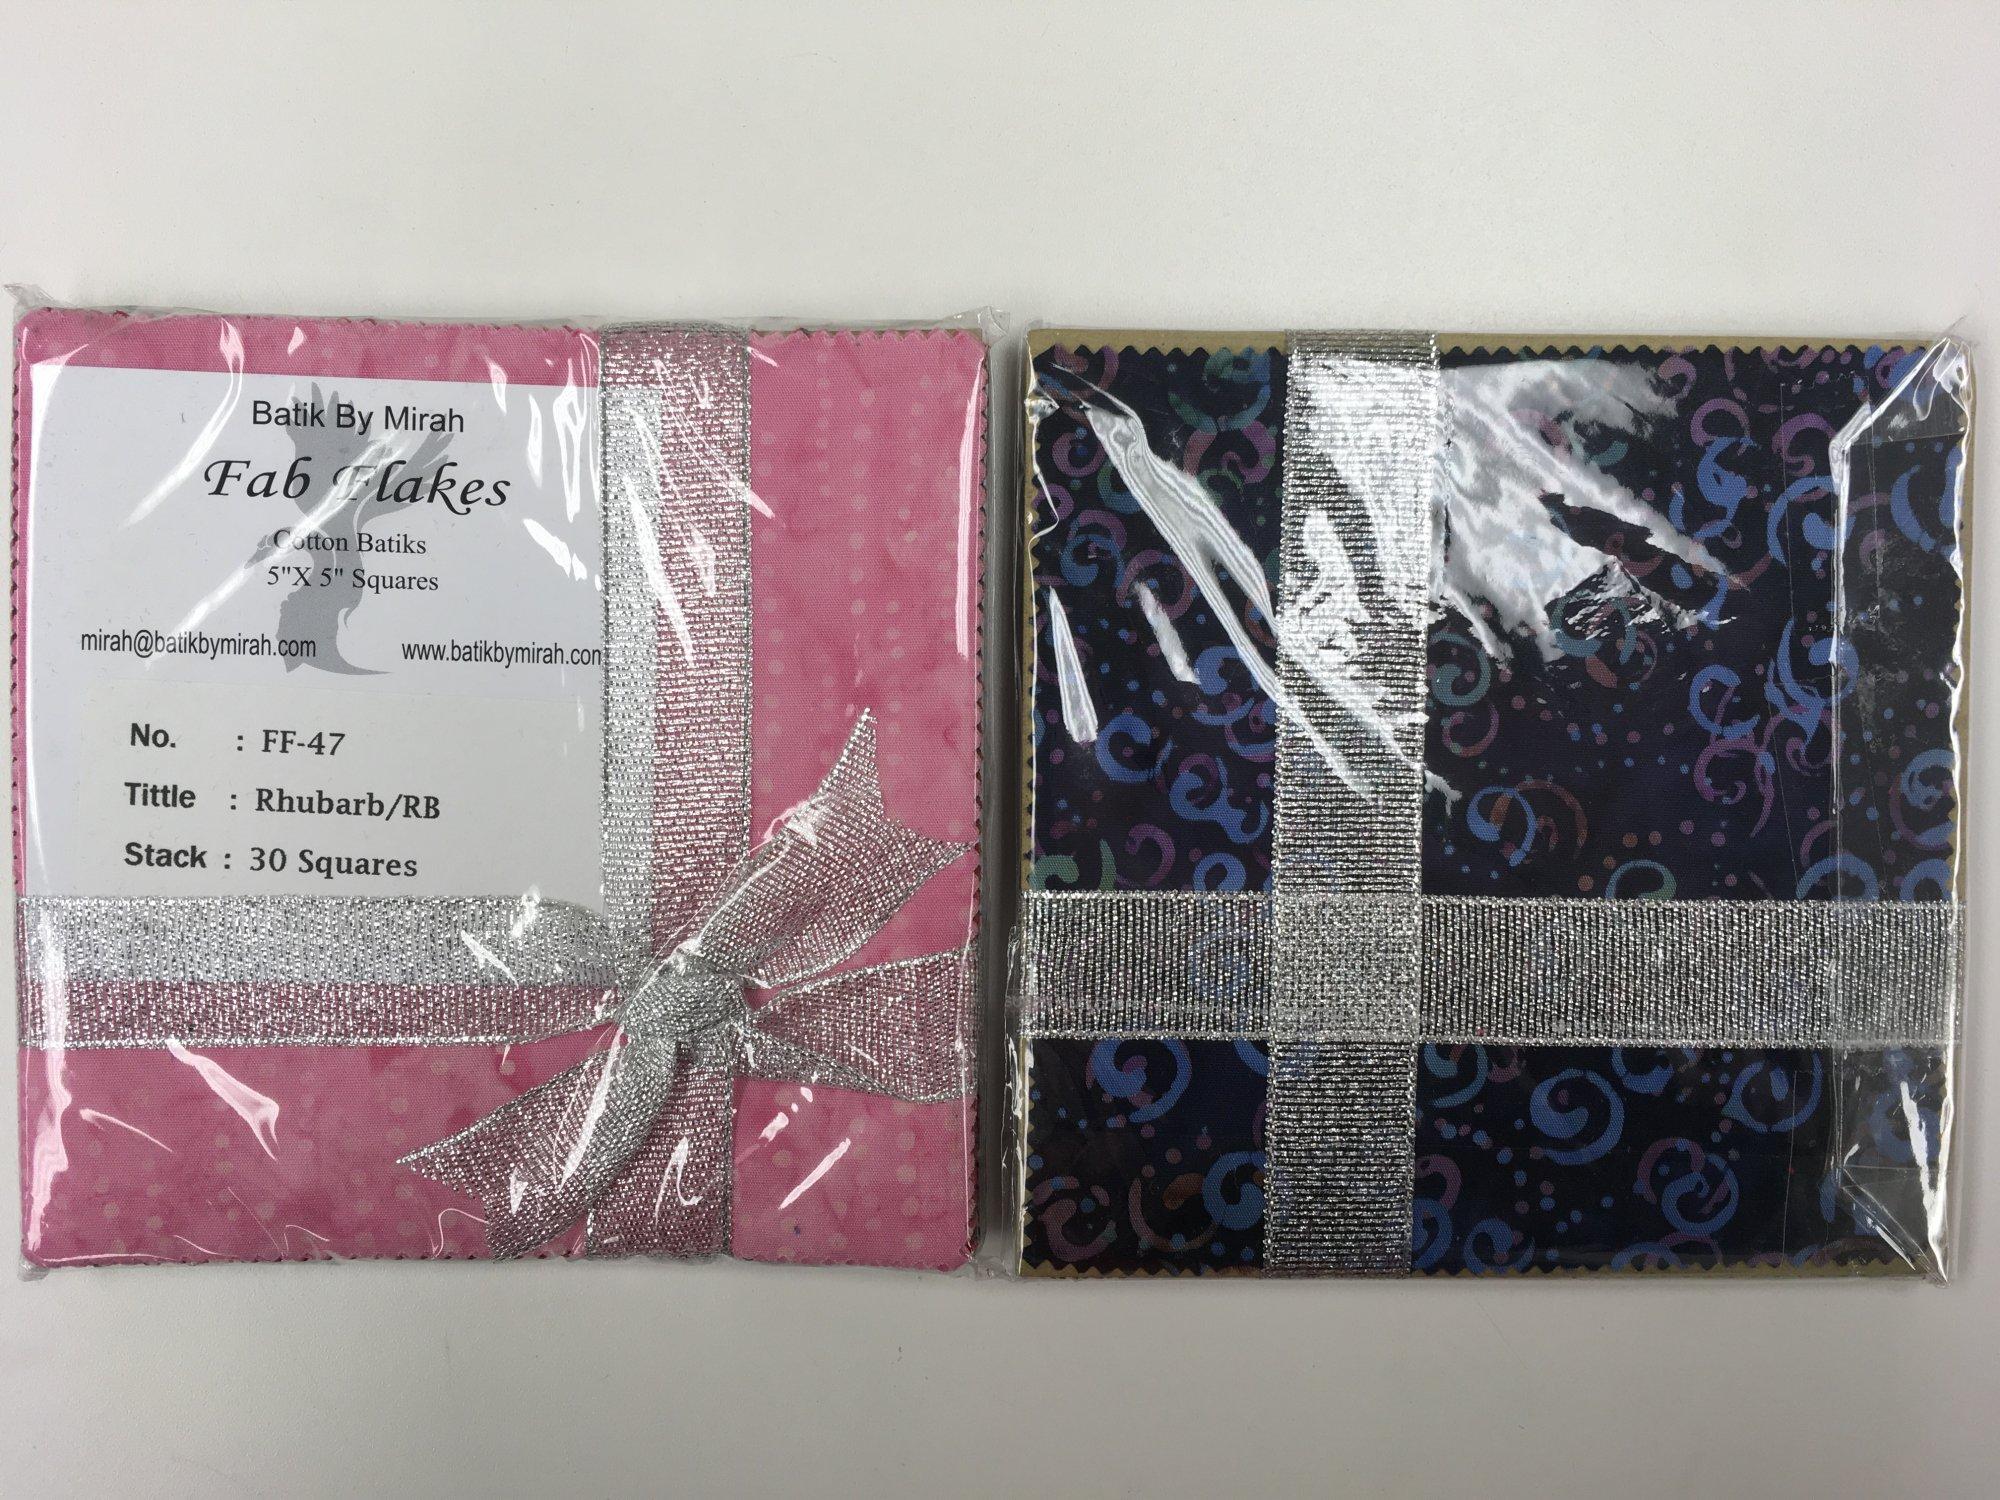 BATIK RHUBARB FAB FLAKES 5 in Squares 24/pack FF47 Batik by Mirah